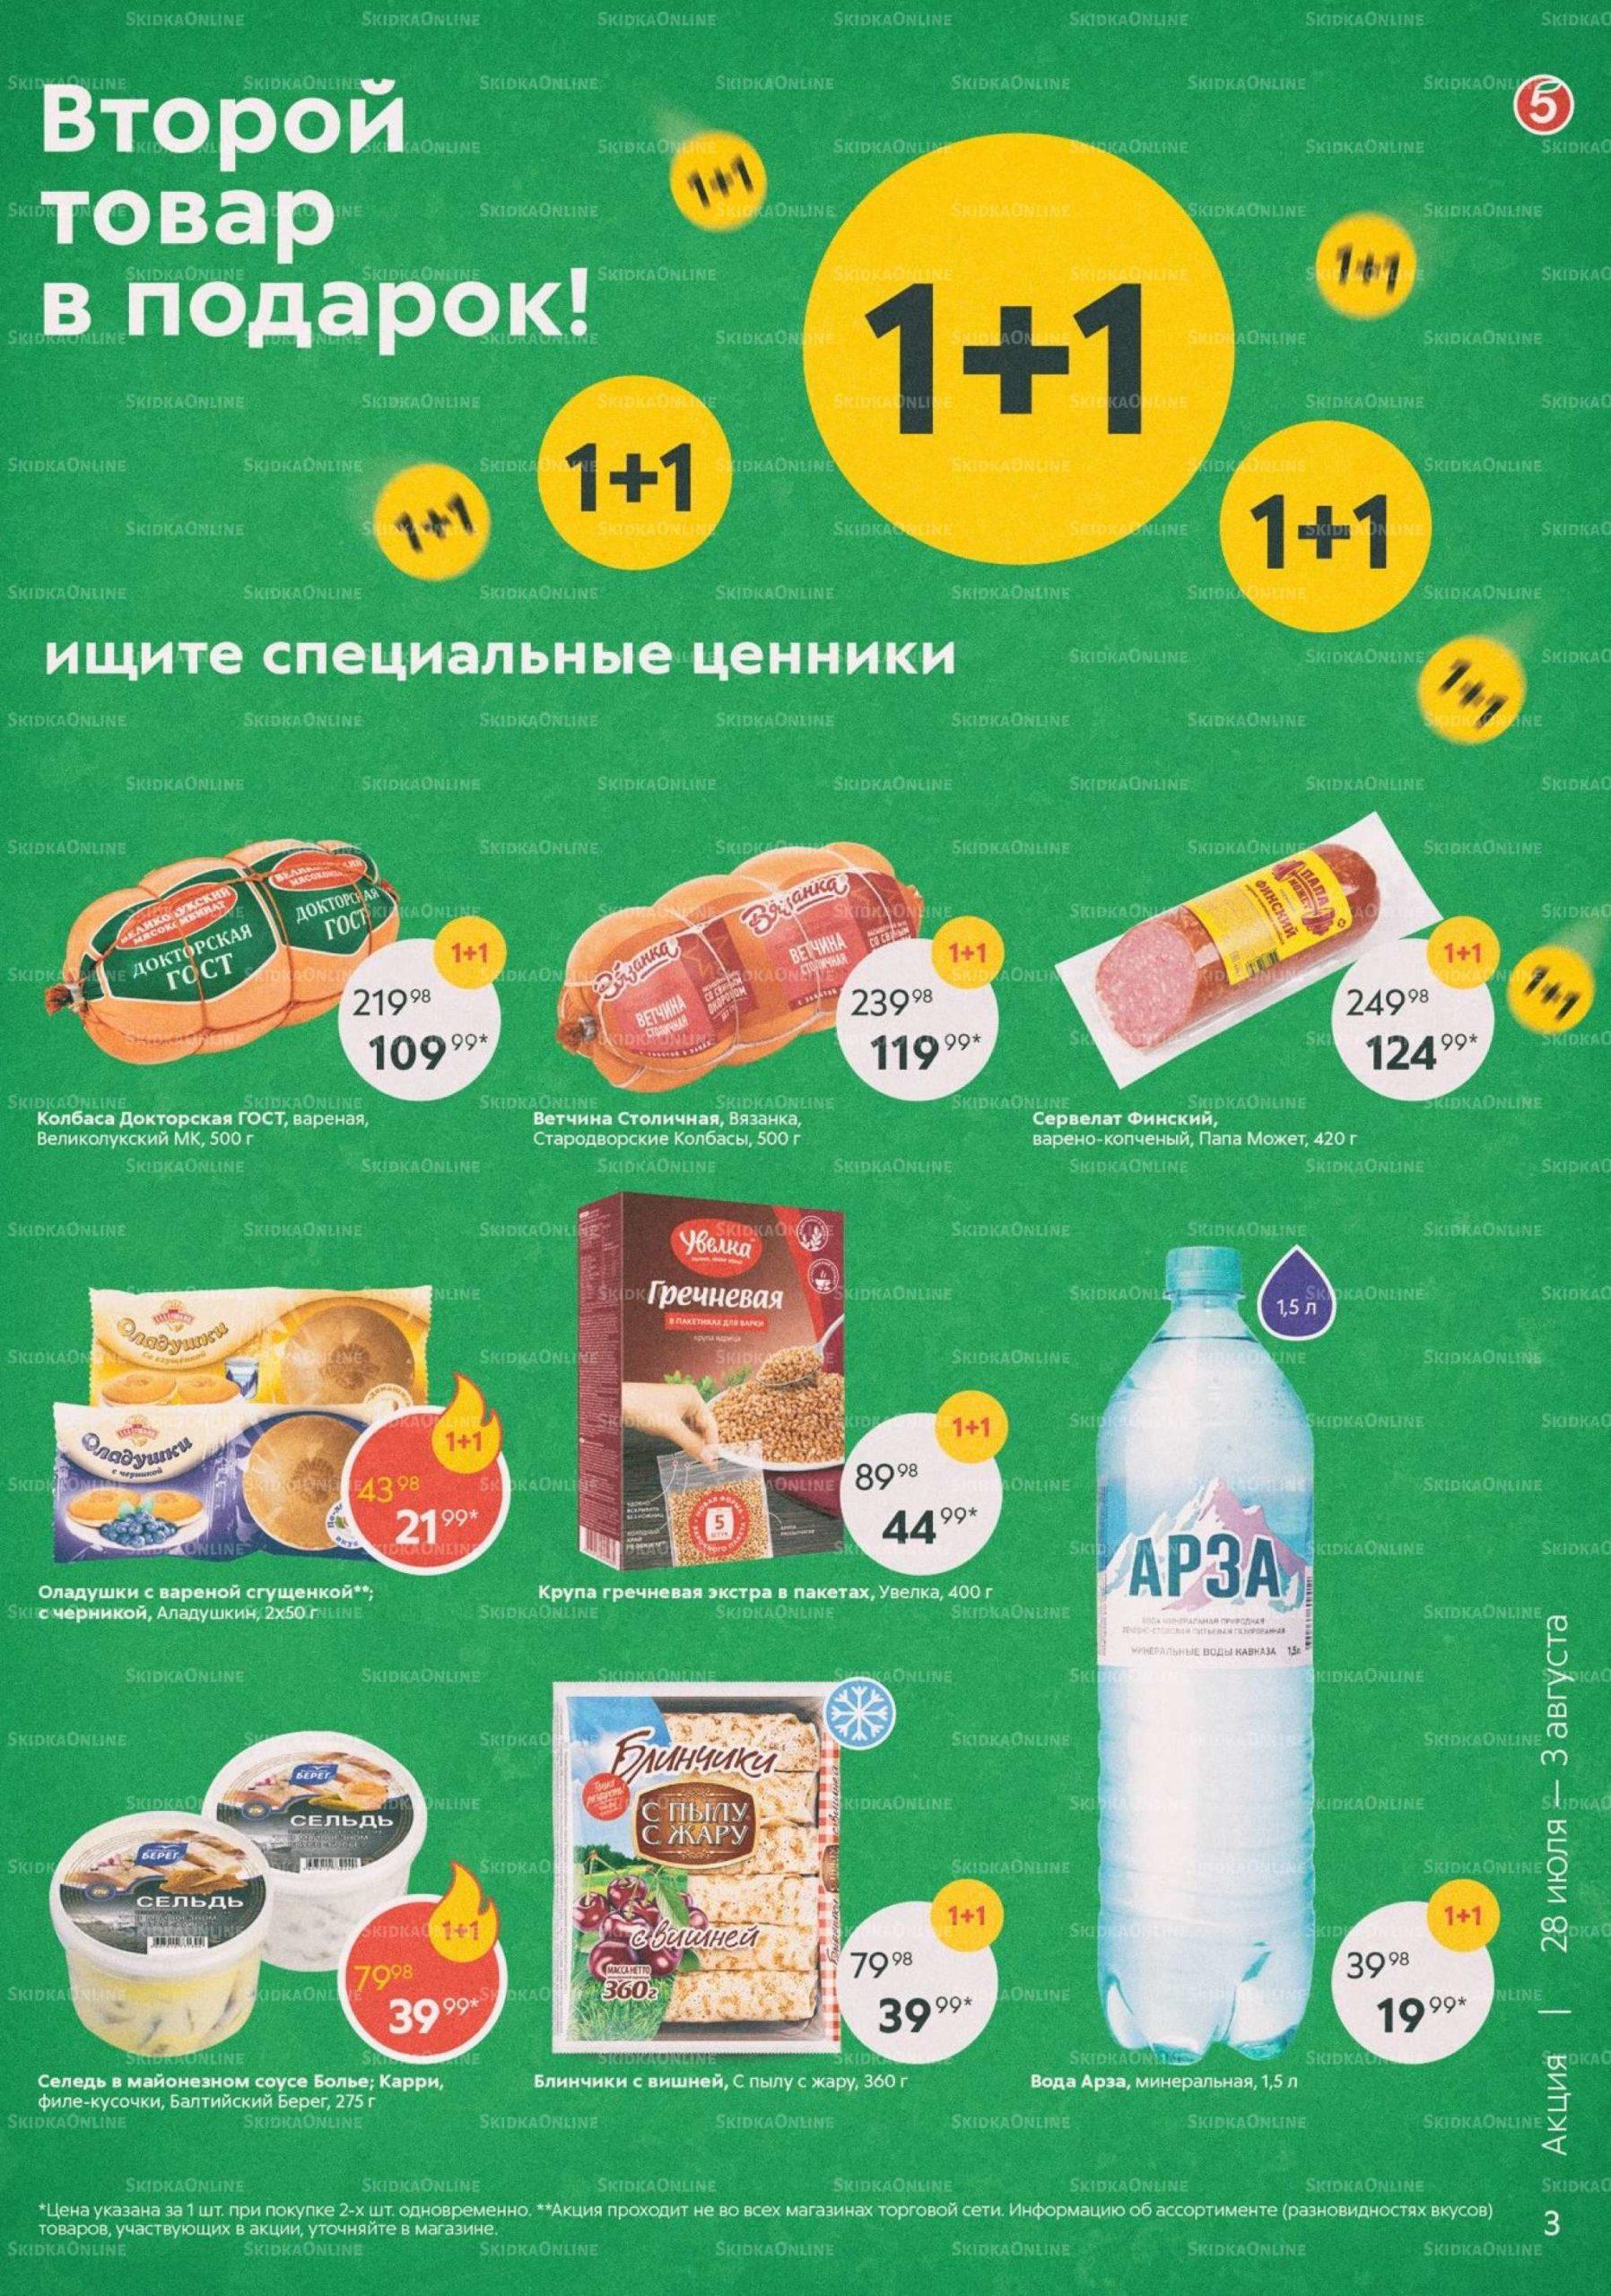 Акции в Пятёрочке с 28 июля по 3 августа 2020 года